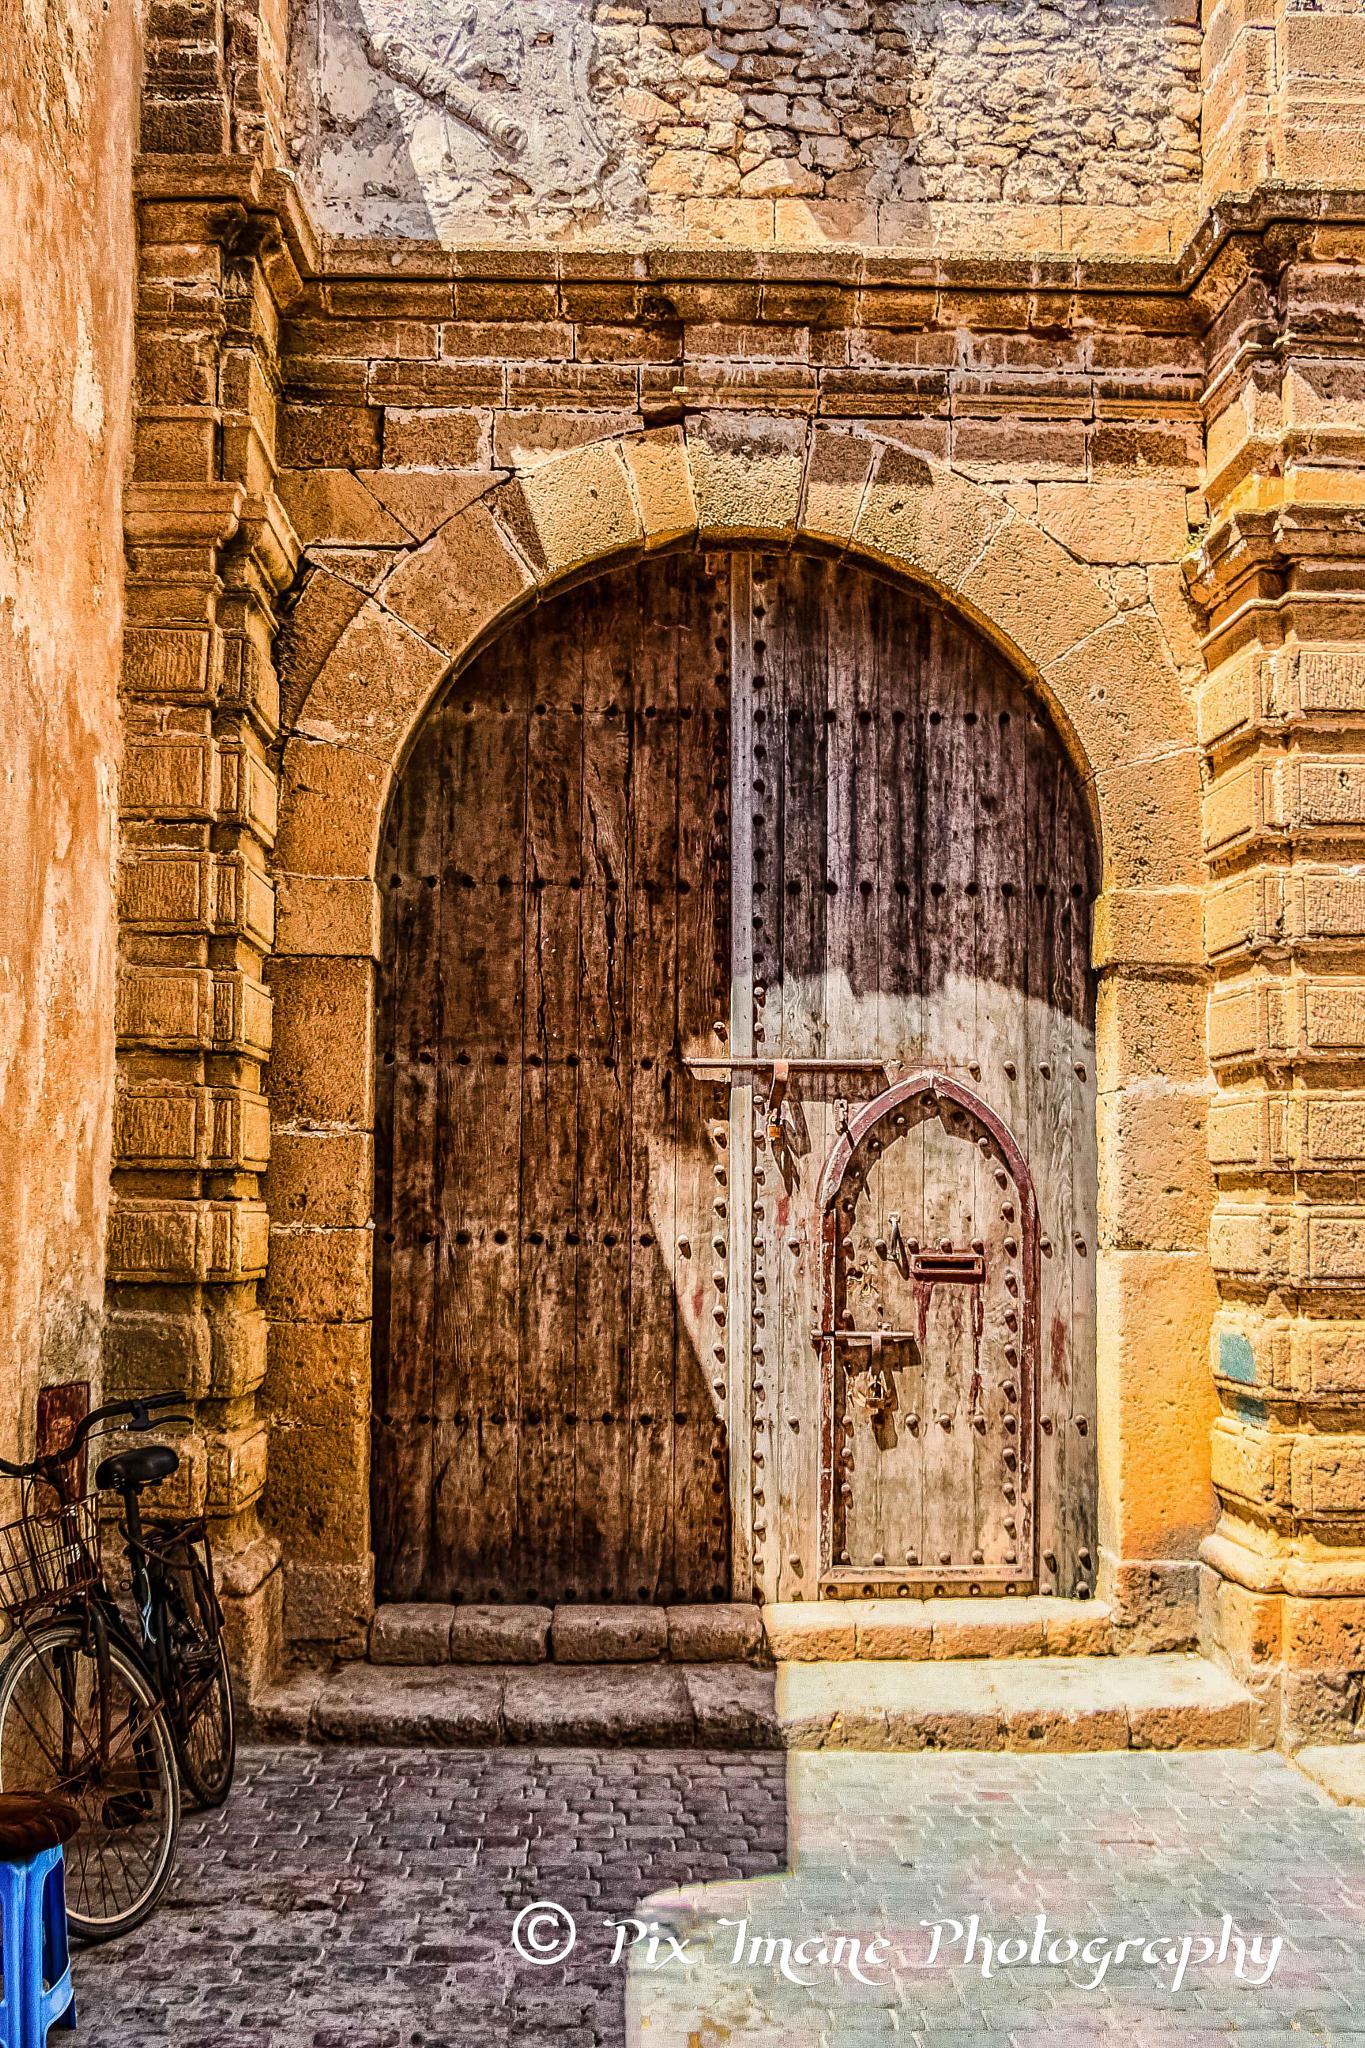 Door - Essaouira - Morocco by PixImane Photography